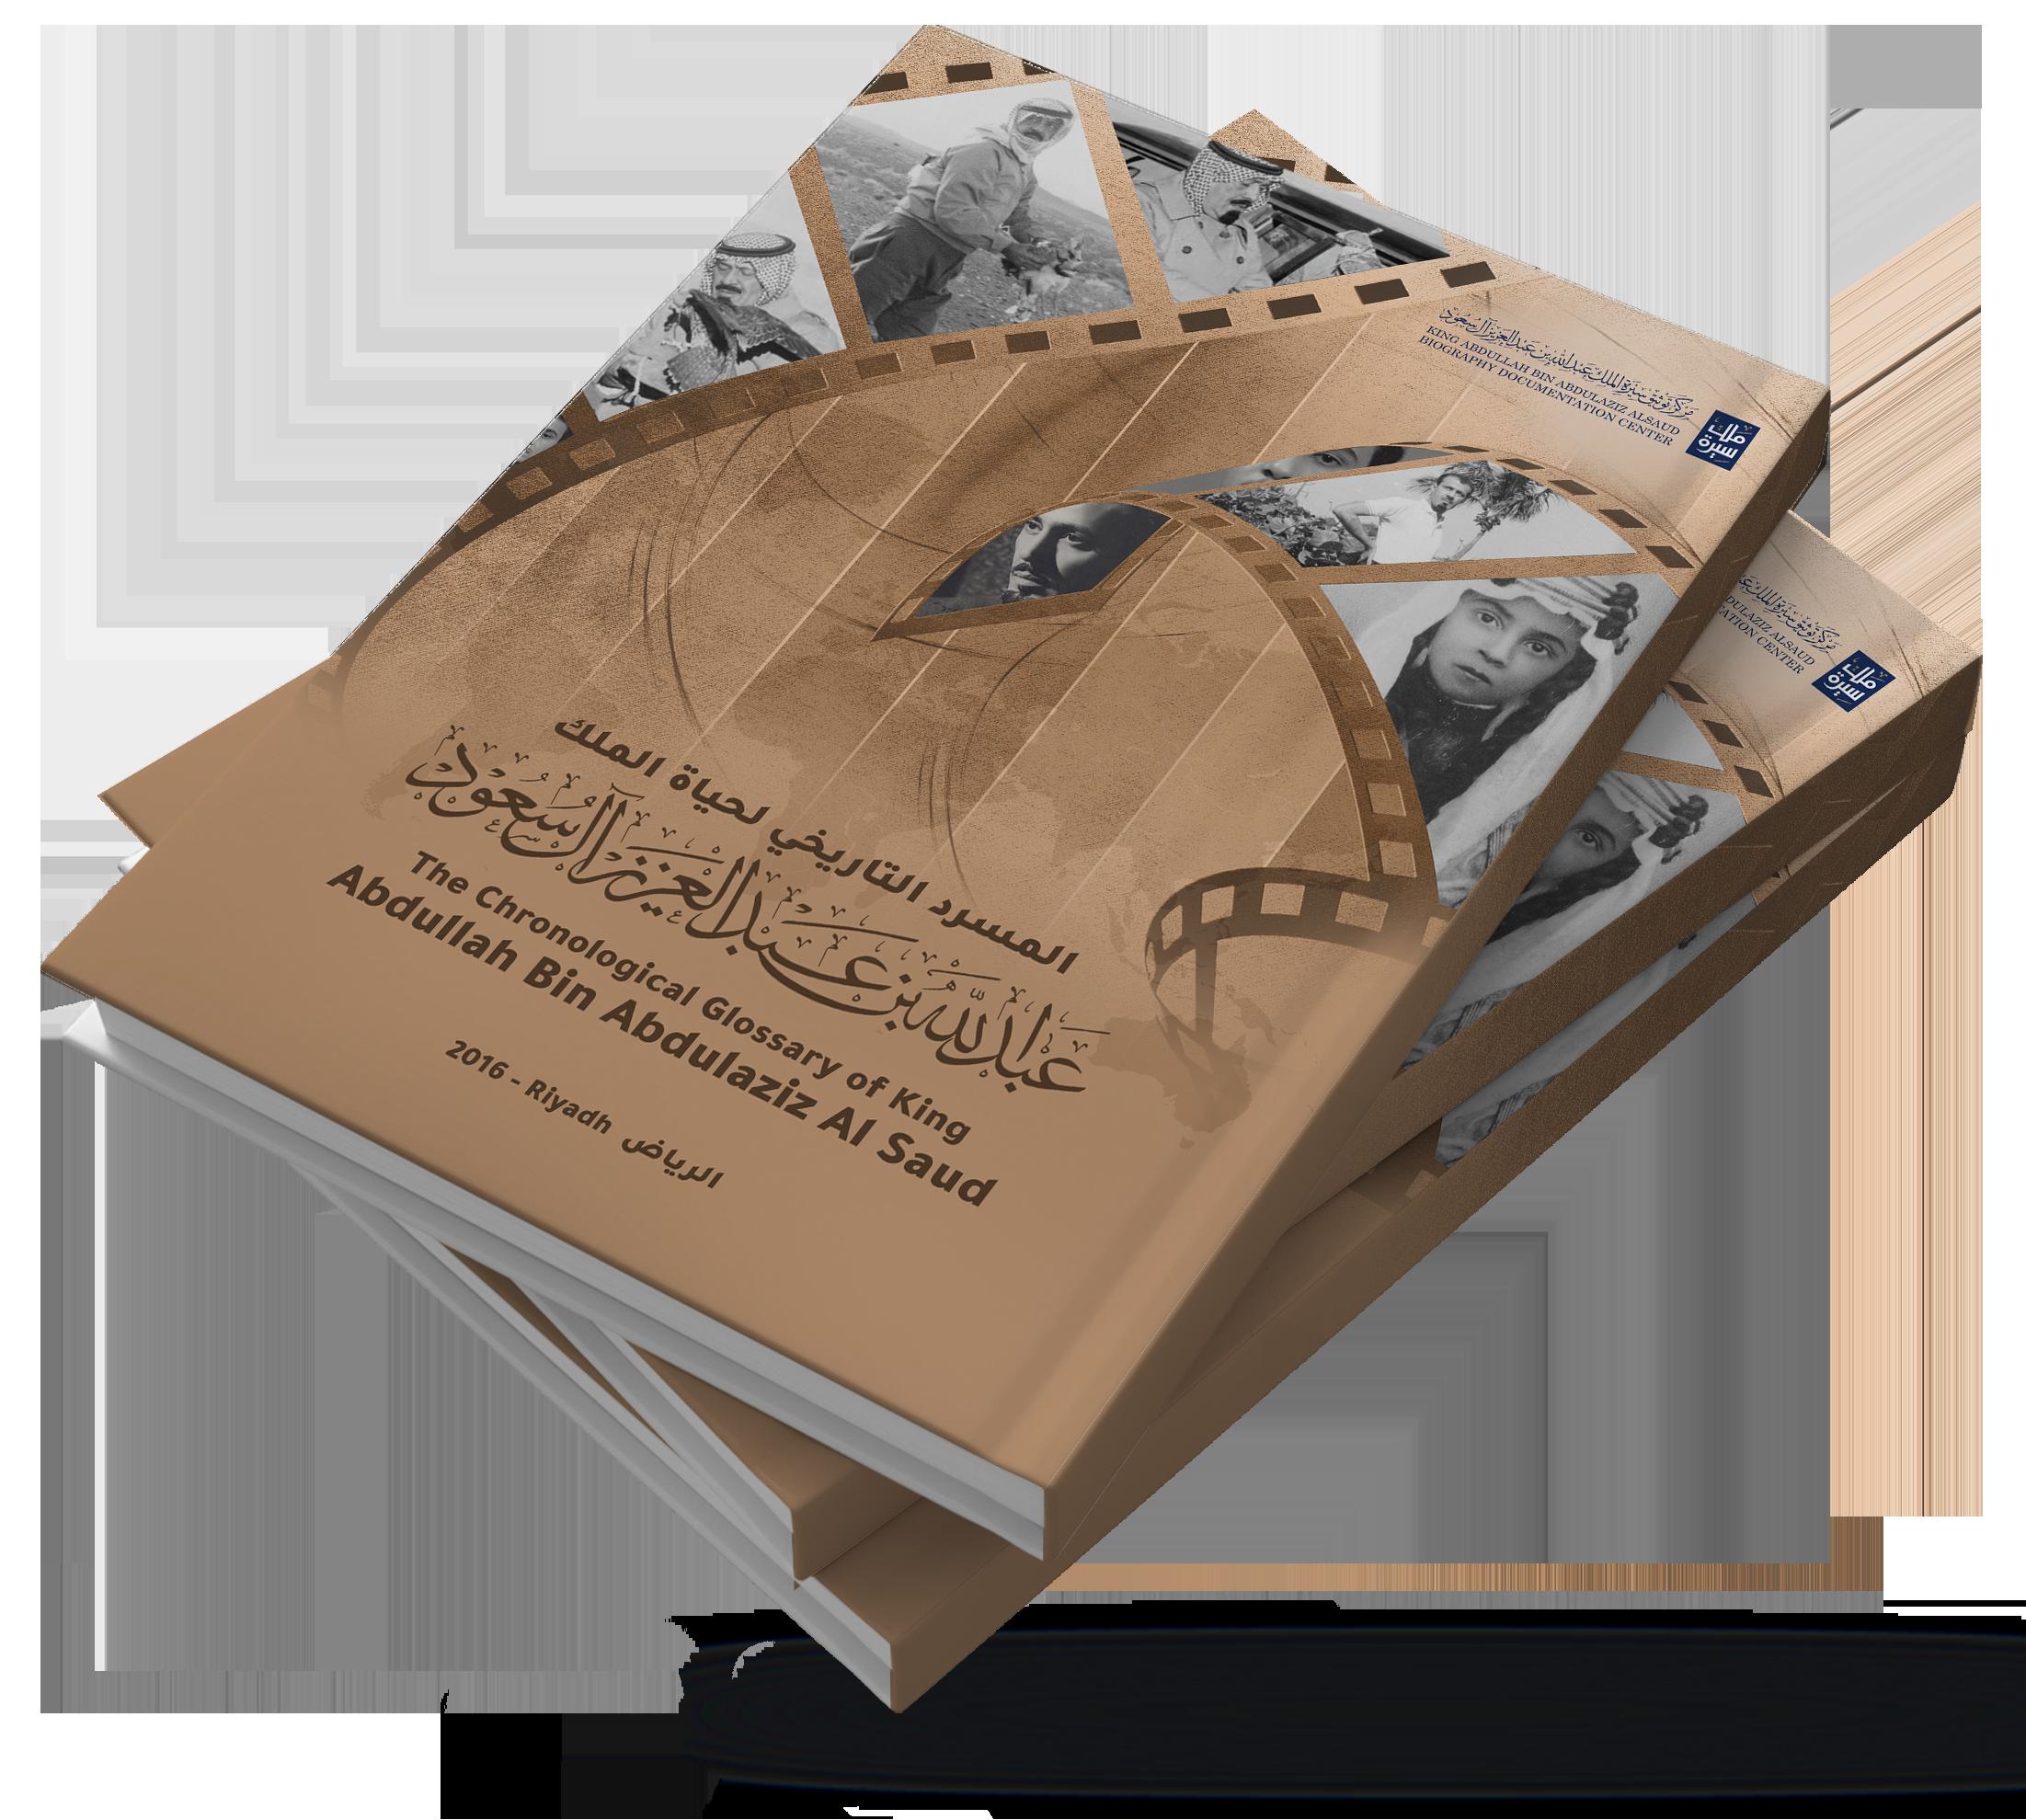 المسرد التاريخي لحياة الملك عبدالله بن عبدالعزيز آل سعود